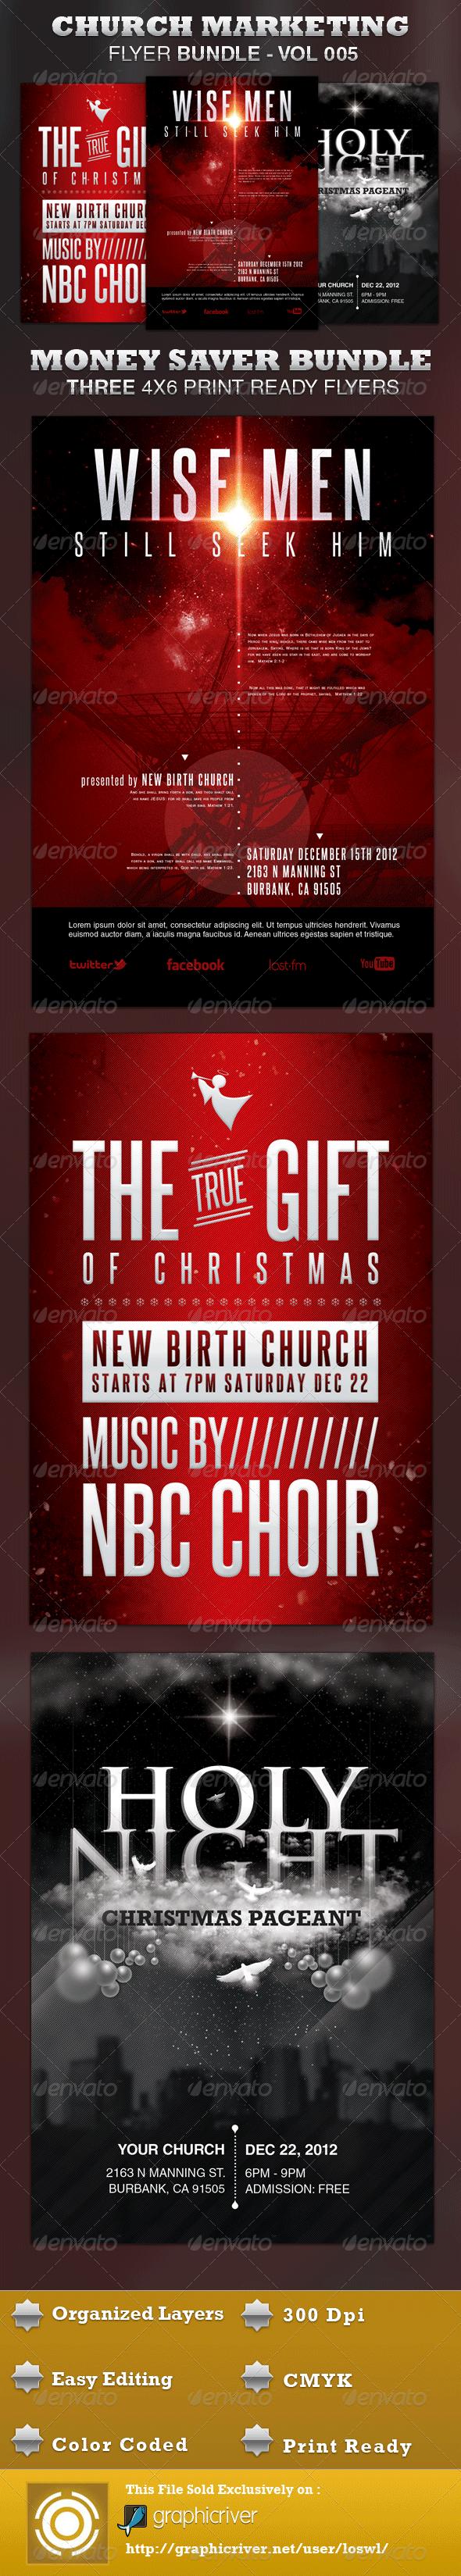 Church Marketing Flyer Bundle Vol-005 - Church Flyers